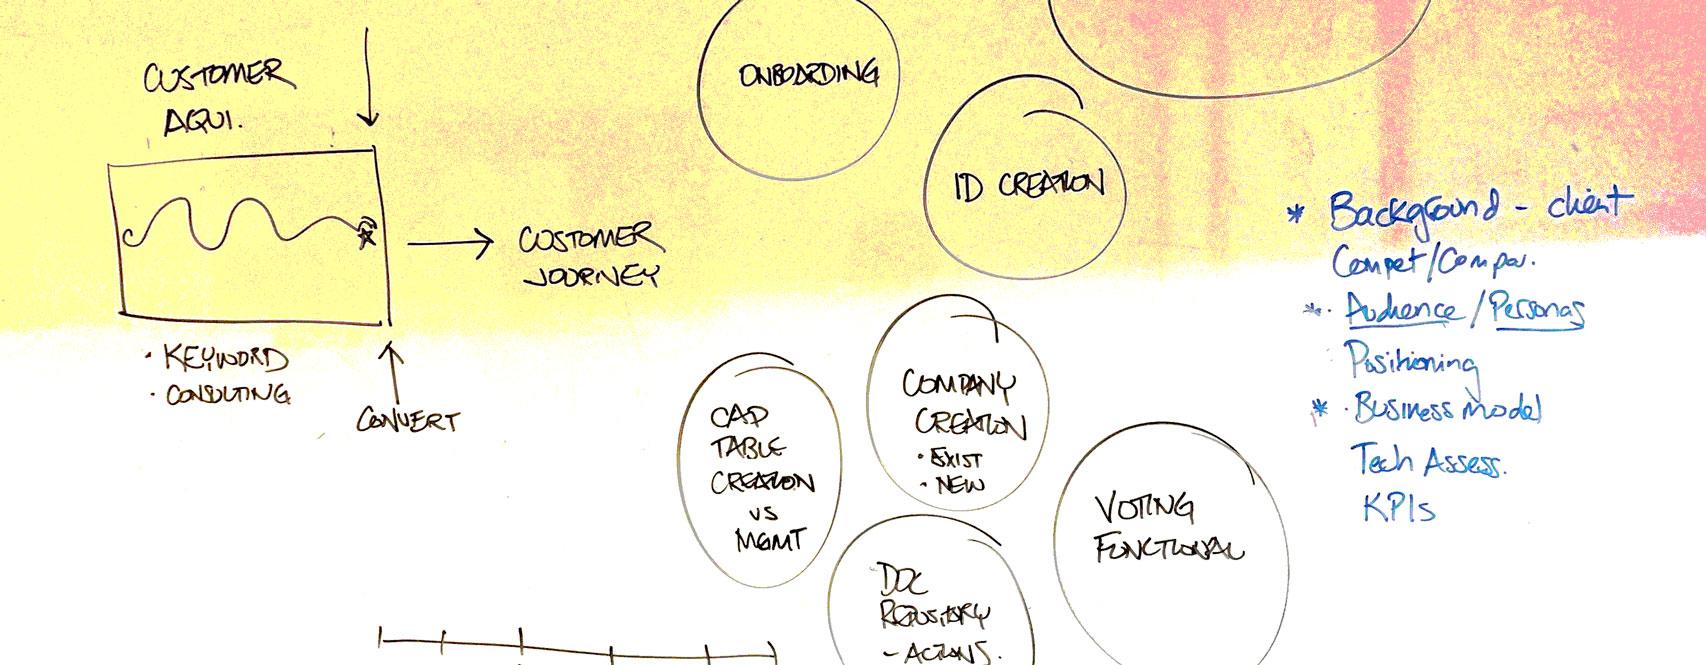 whiteboarding-strategy-2.jpg